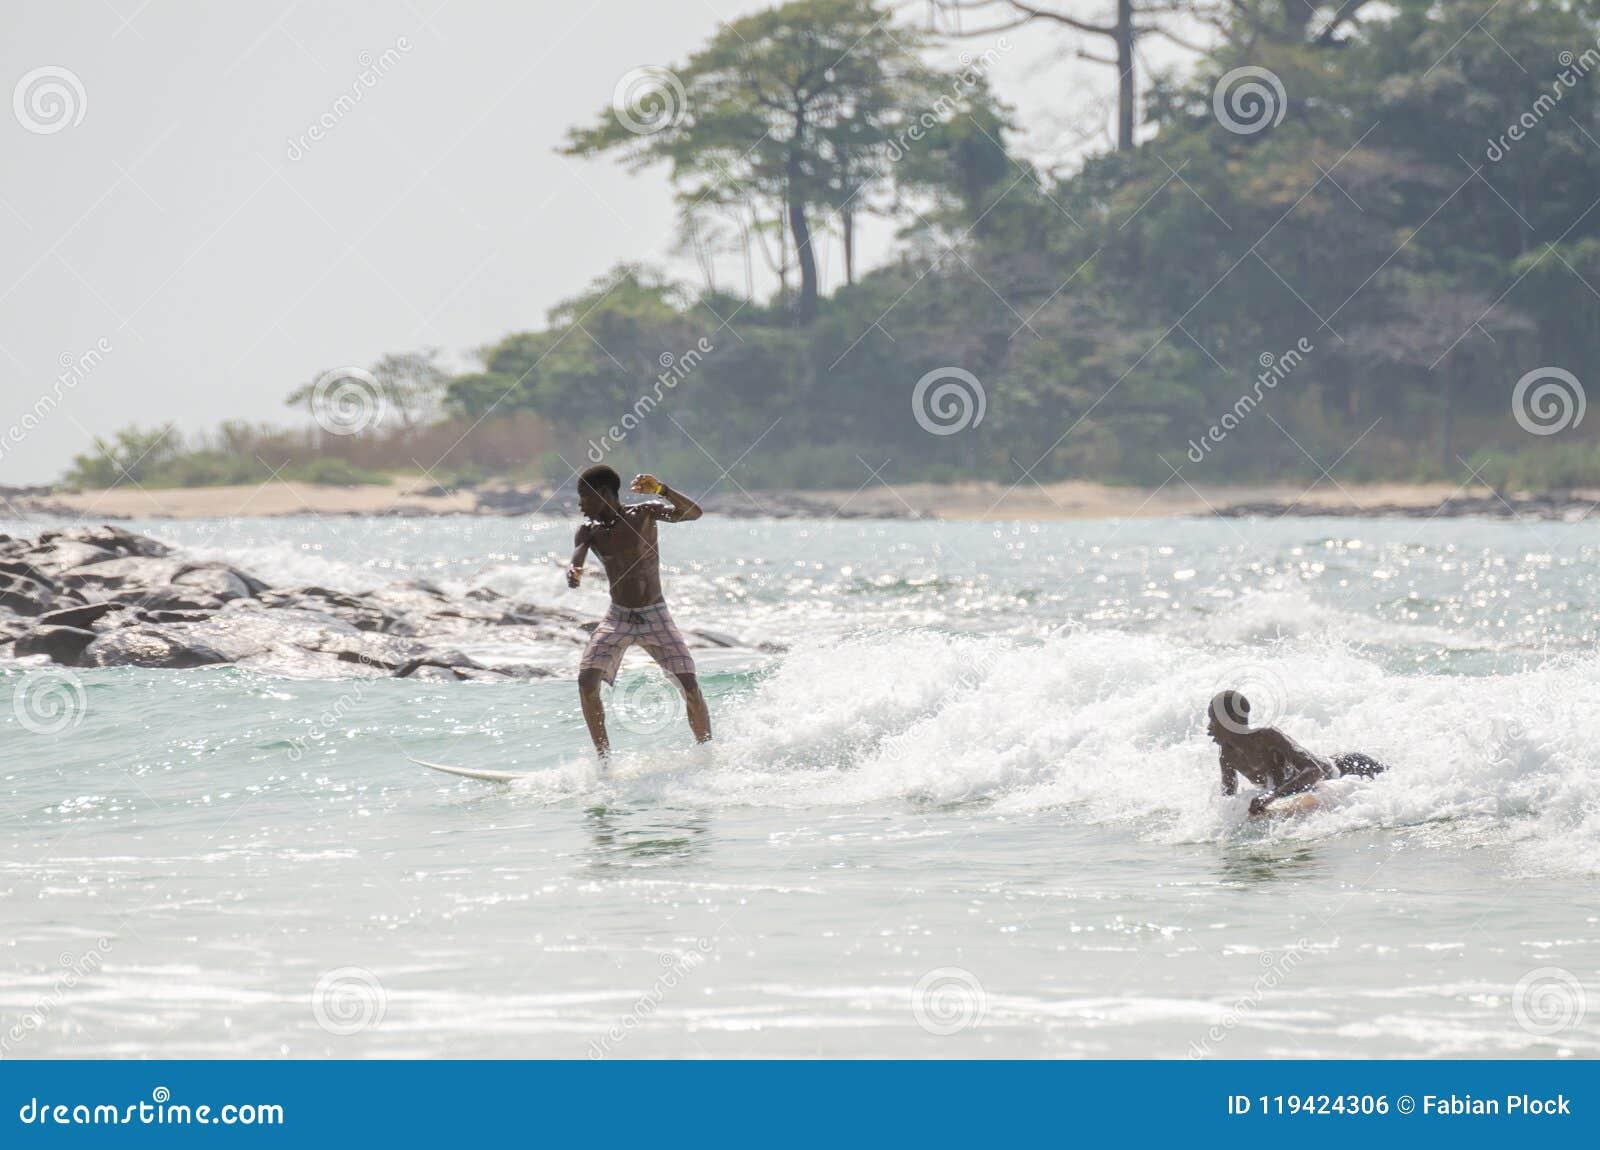 Spiaggia di Bureh, Sierra Leone - 11 gennaio 2014: Due giovani ragazzi africani non identificati che praticano il surfing soltant